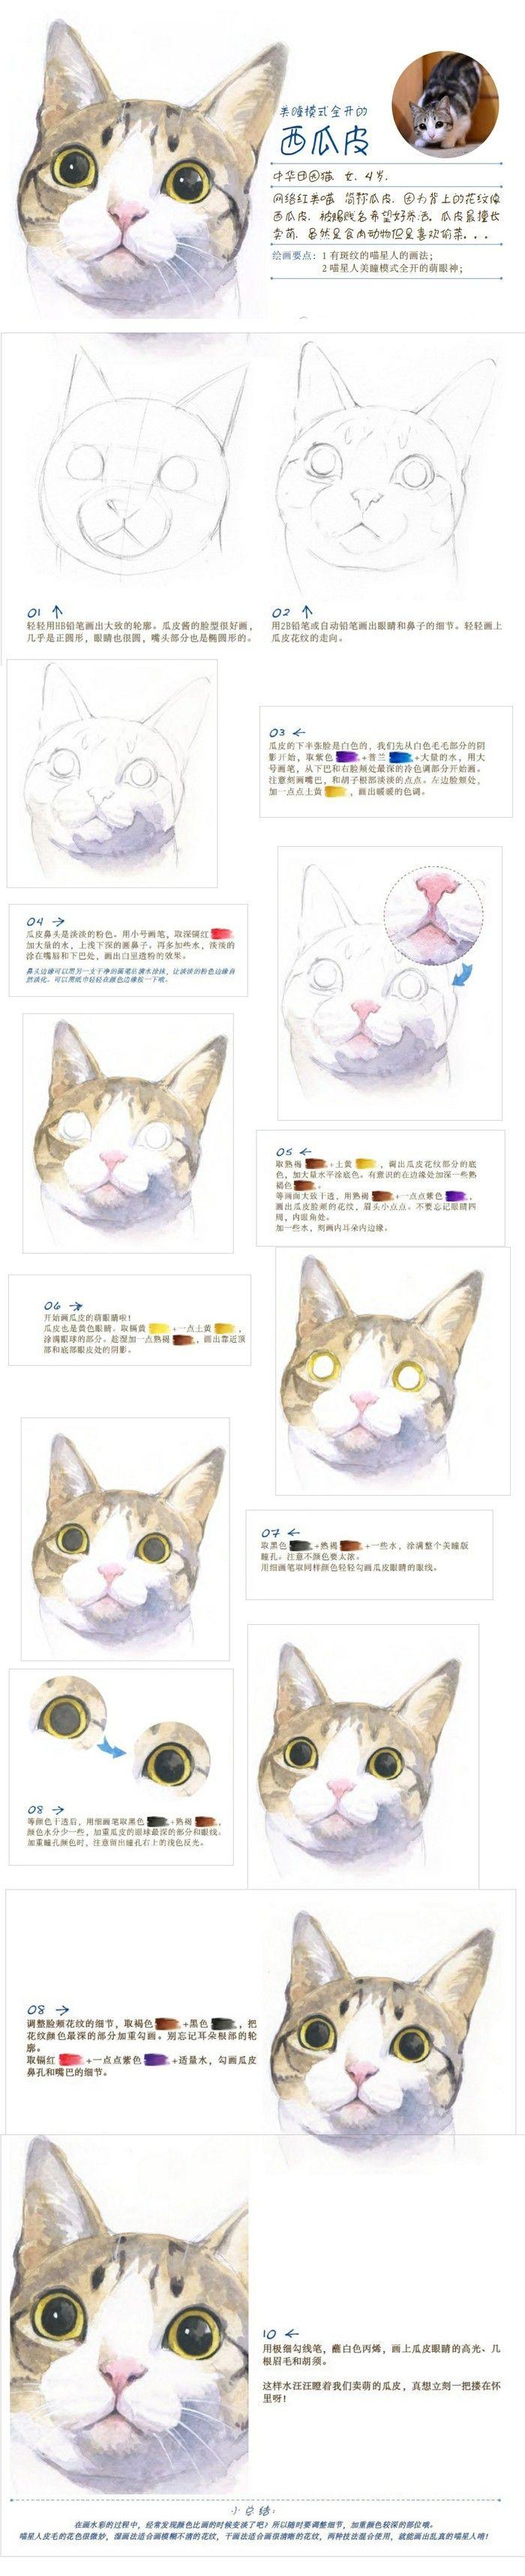 Watercolor cat tutorial